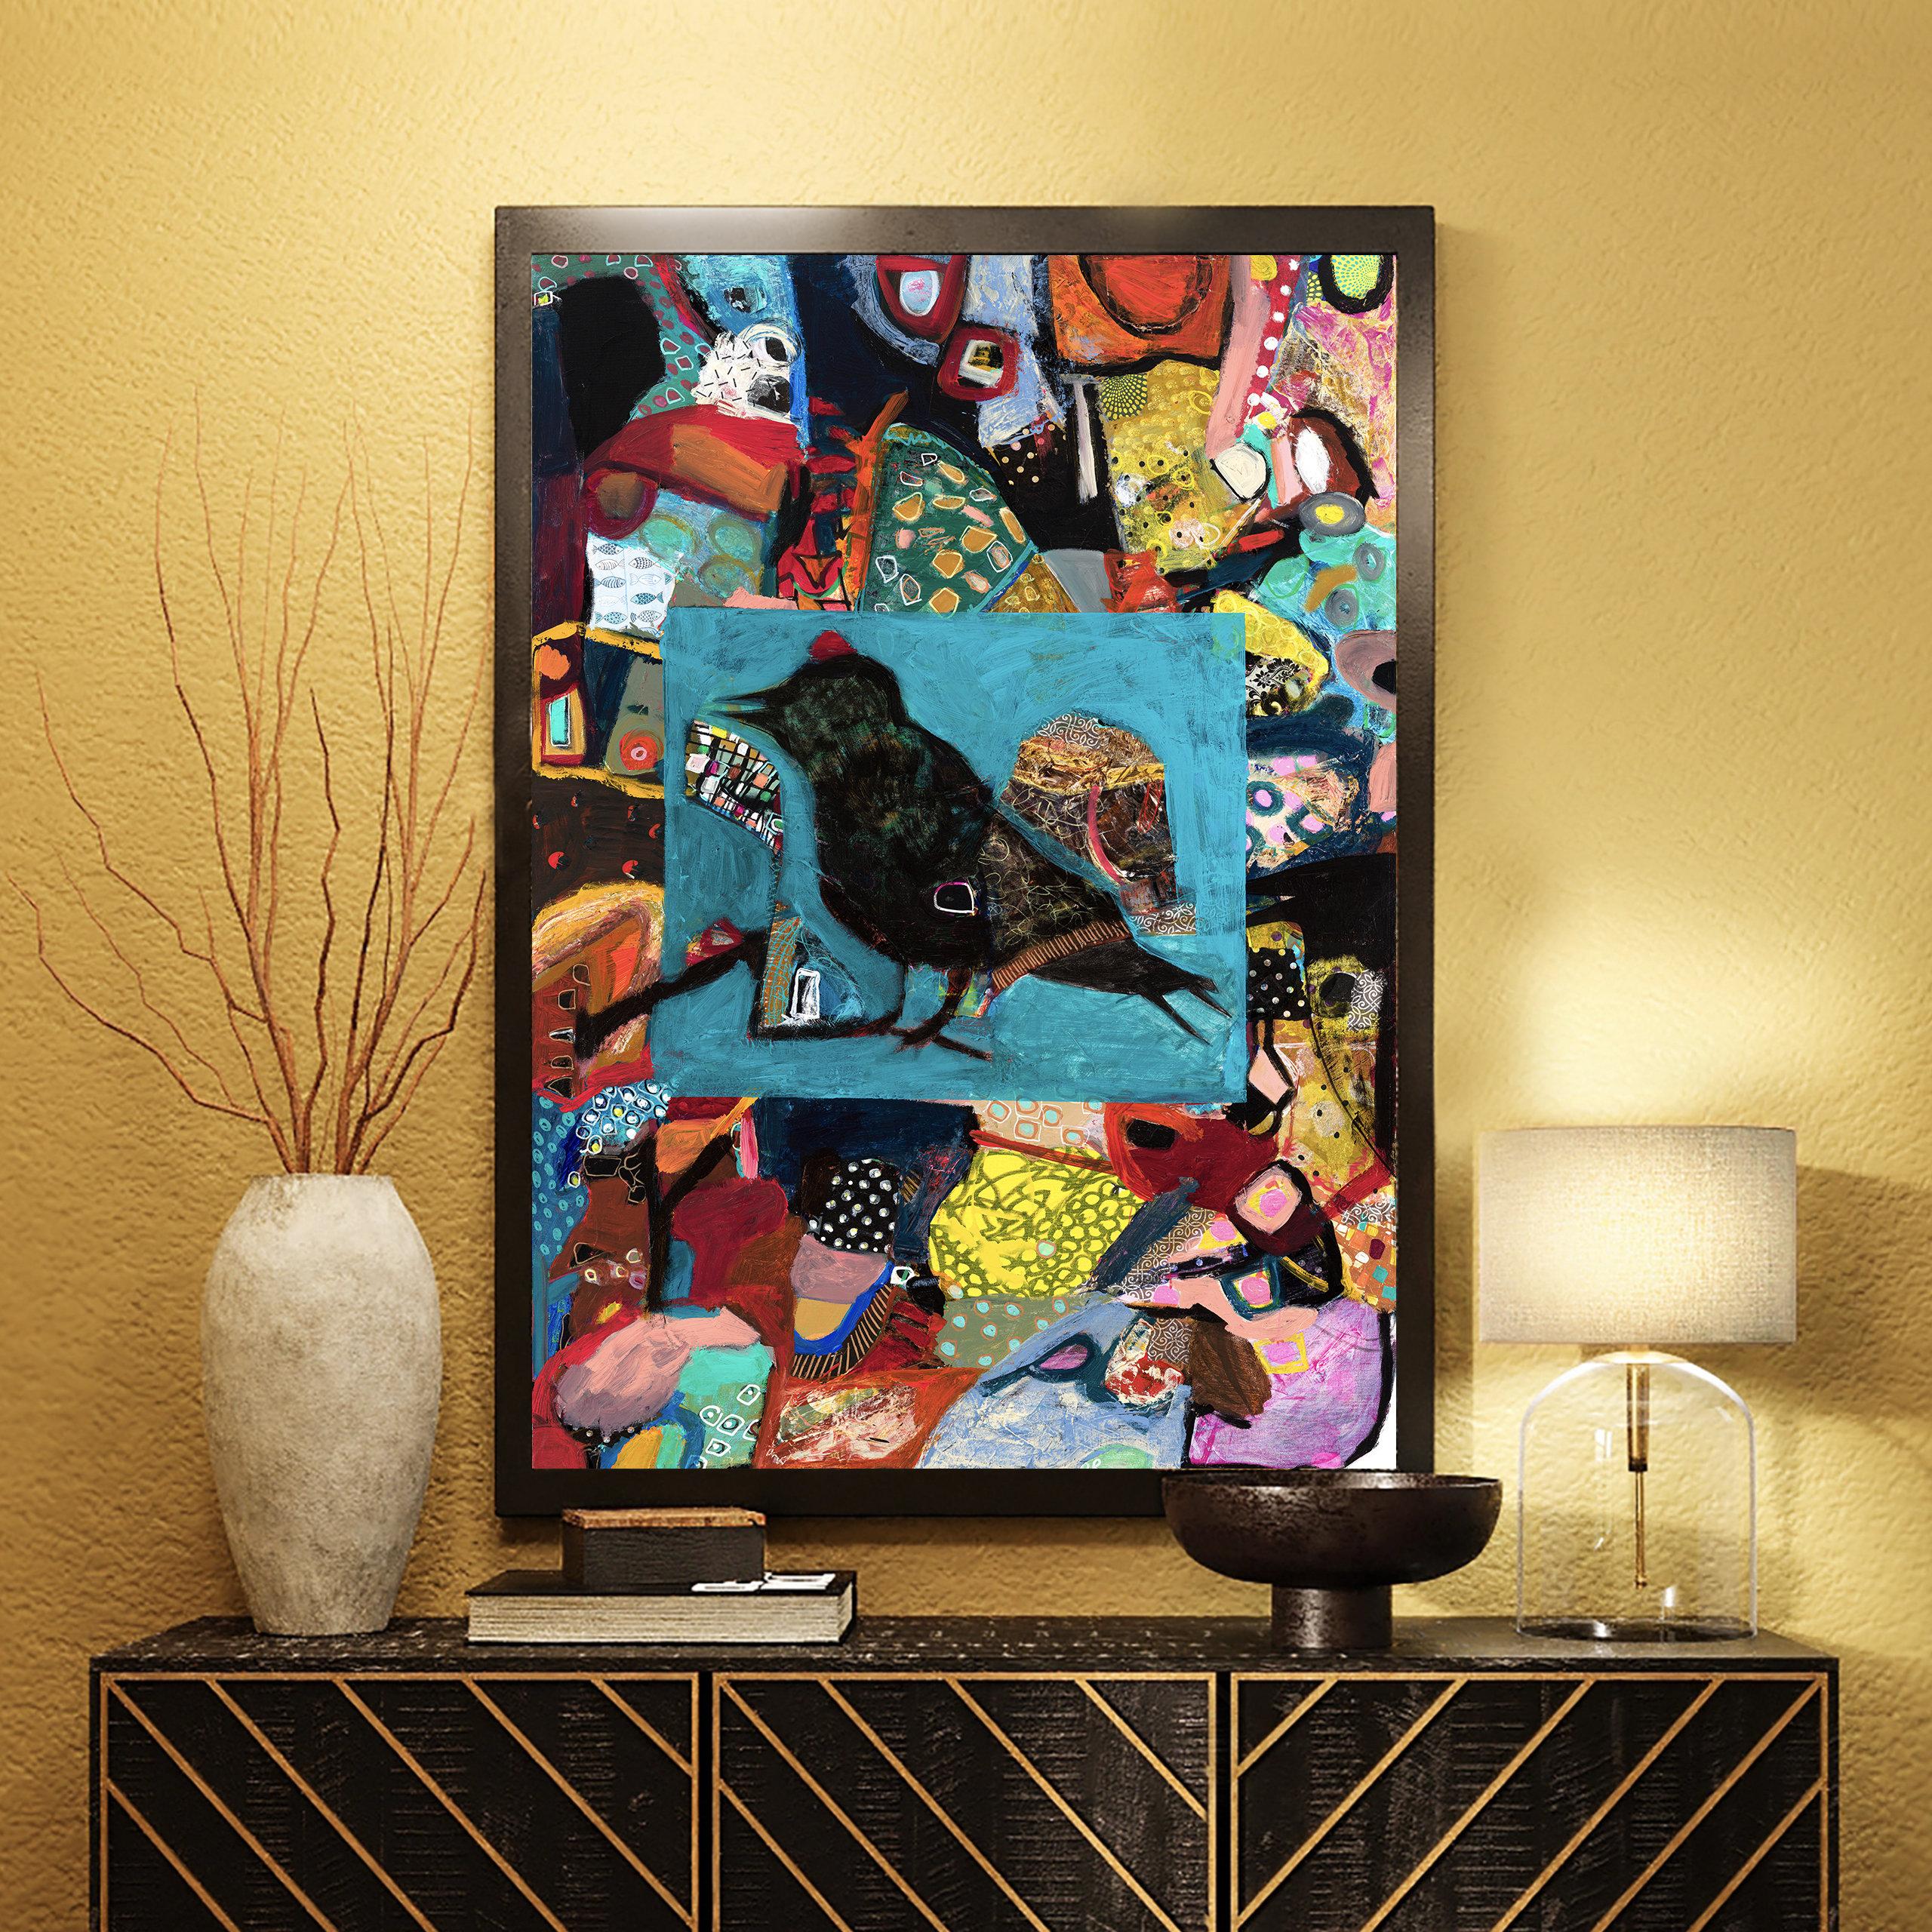 bird abstract art, sparrow, interior room decor